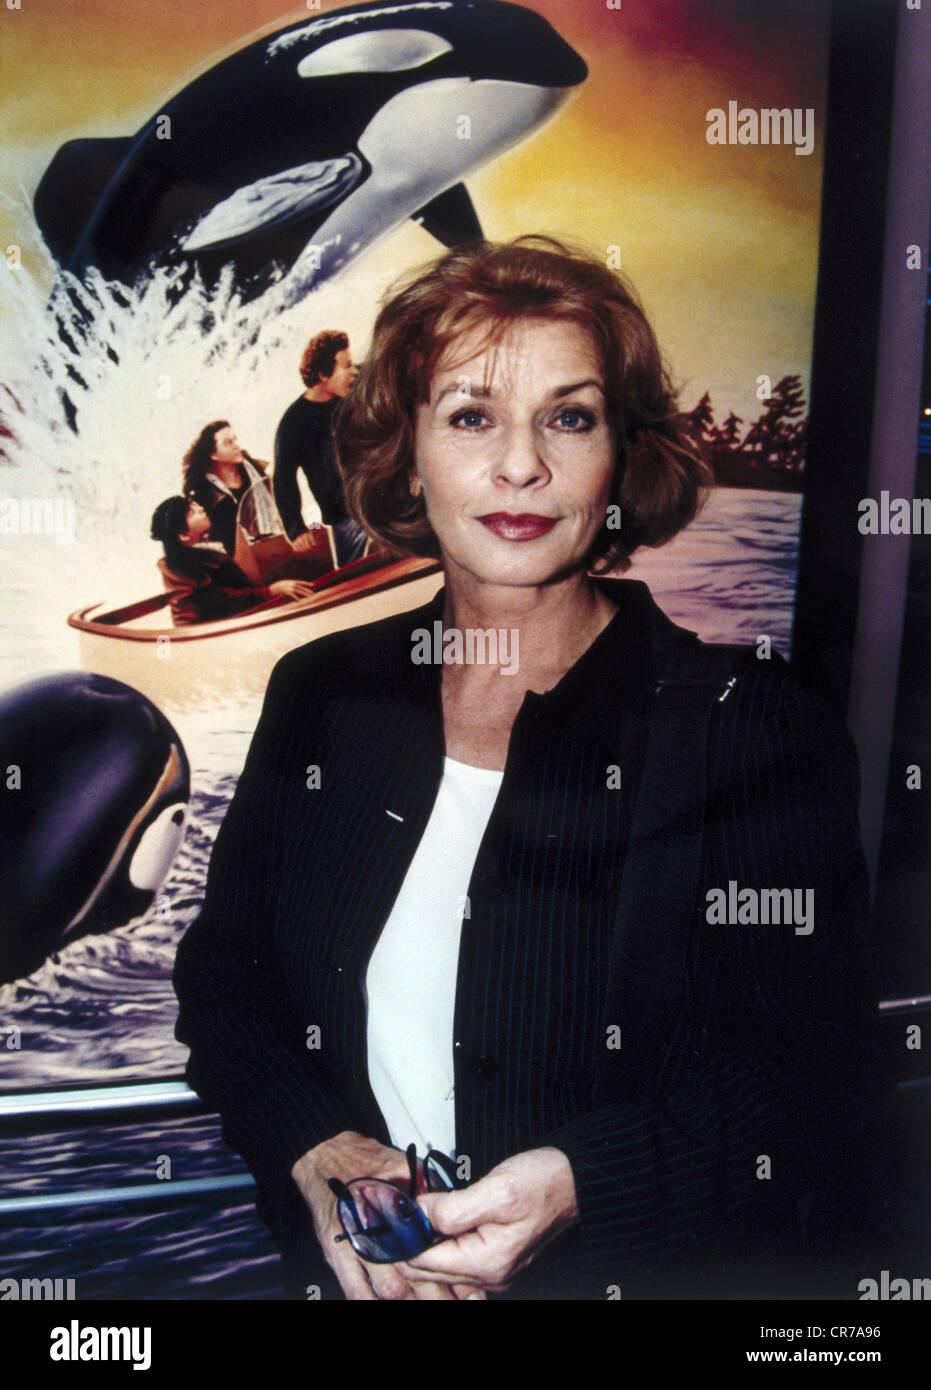 """Berger, Senta, * 13.5.1941, attrice austriaca di mezza lunghezza, come ambasciatore dell'UNICEF, in anteprima del film """"Free Willy II"""" di Monaco, agosto 1995, Foto Stock"""